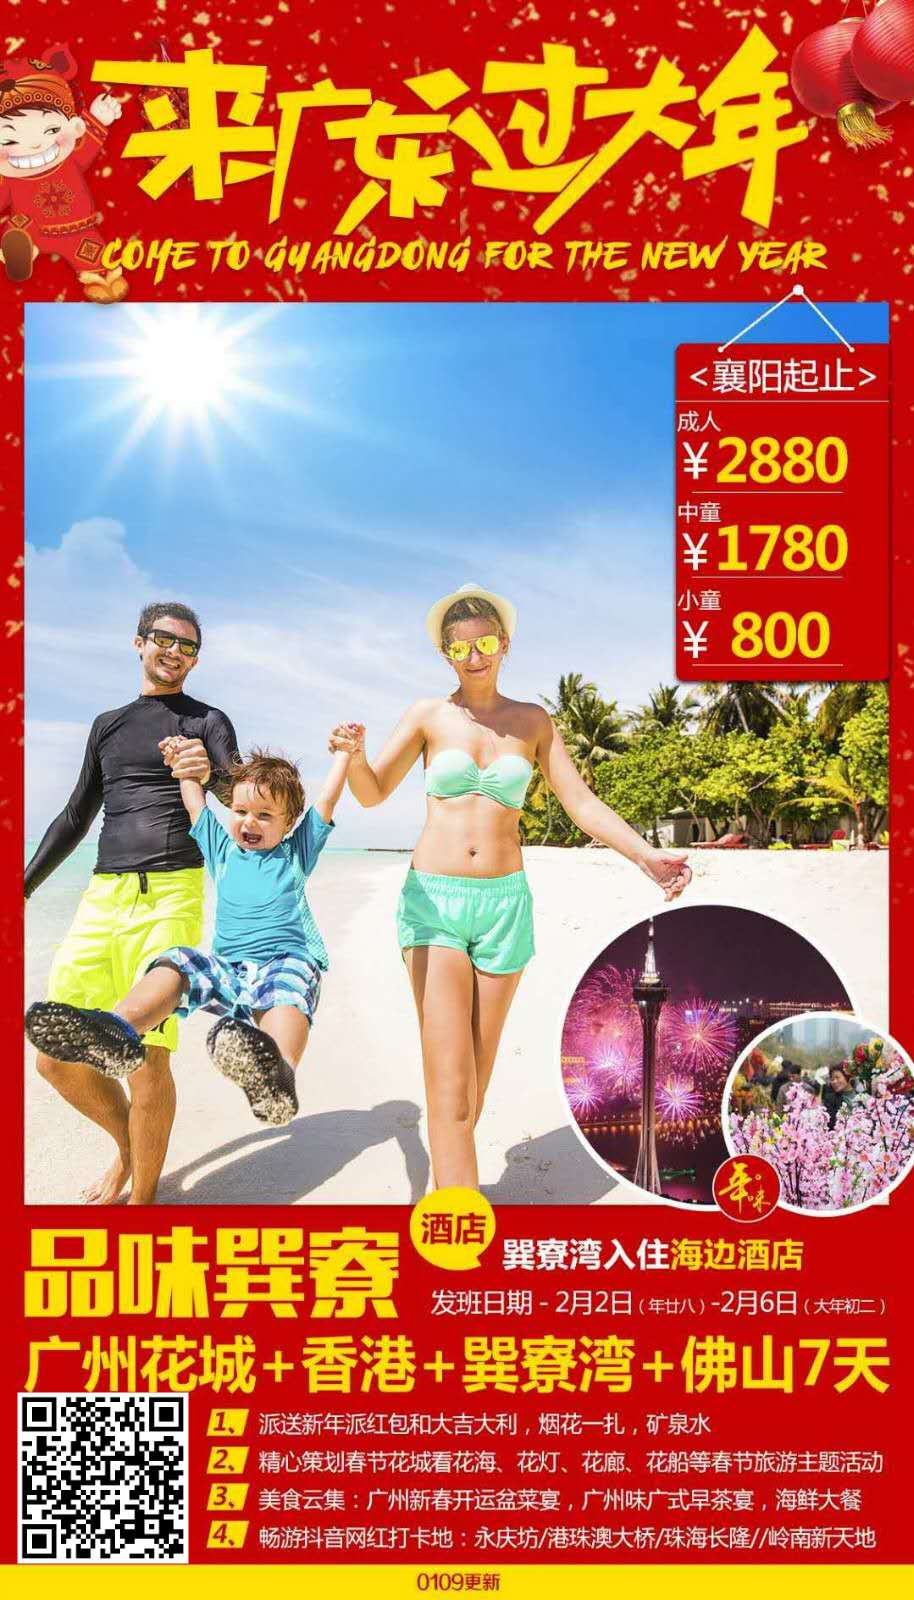 襄陽國內旅游推薦-有口碑的國內旅游就在走天下旅行社